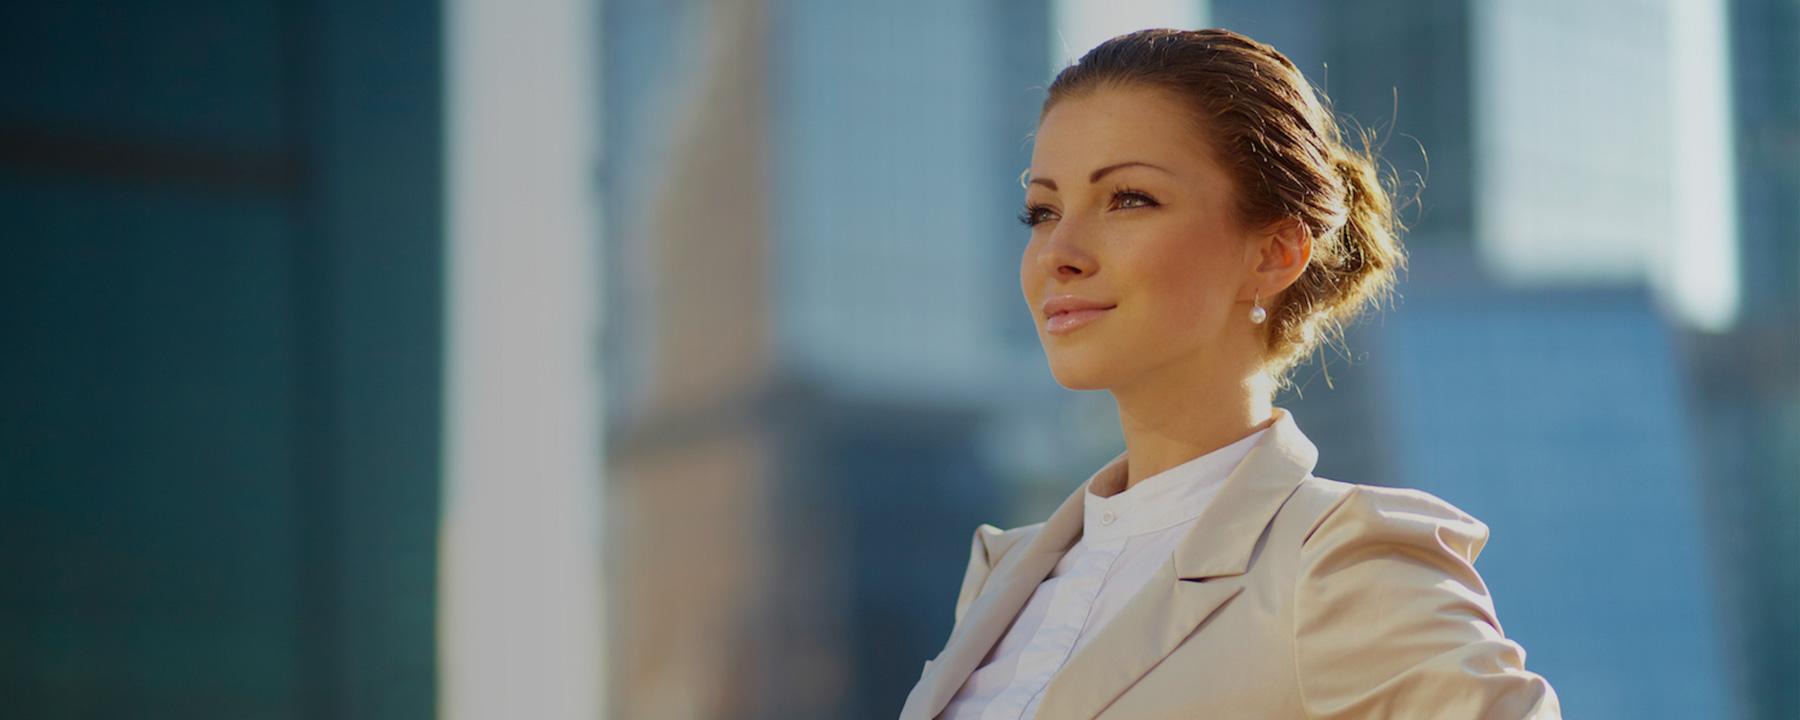 Как открыть свой бизнес через полгода после выпуска (Киев). Фото - 3